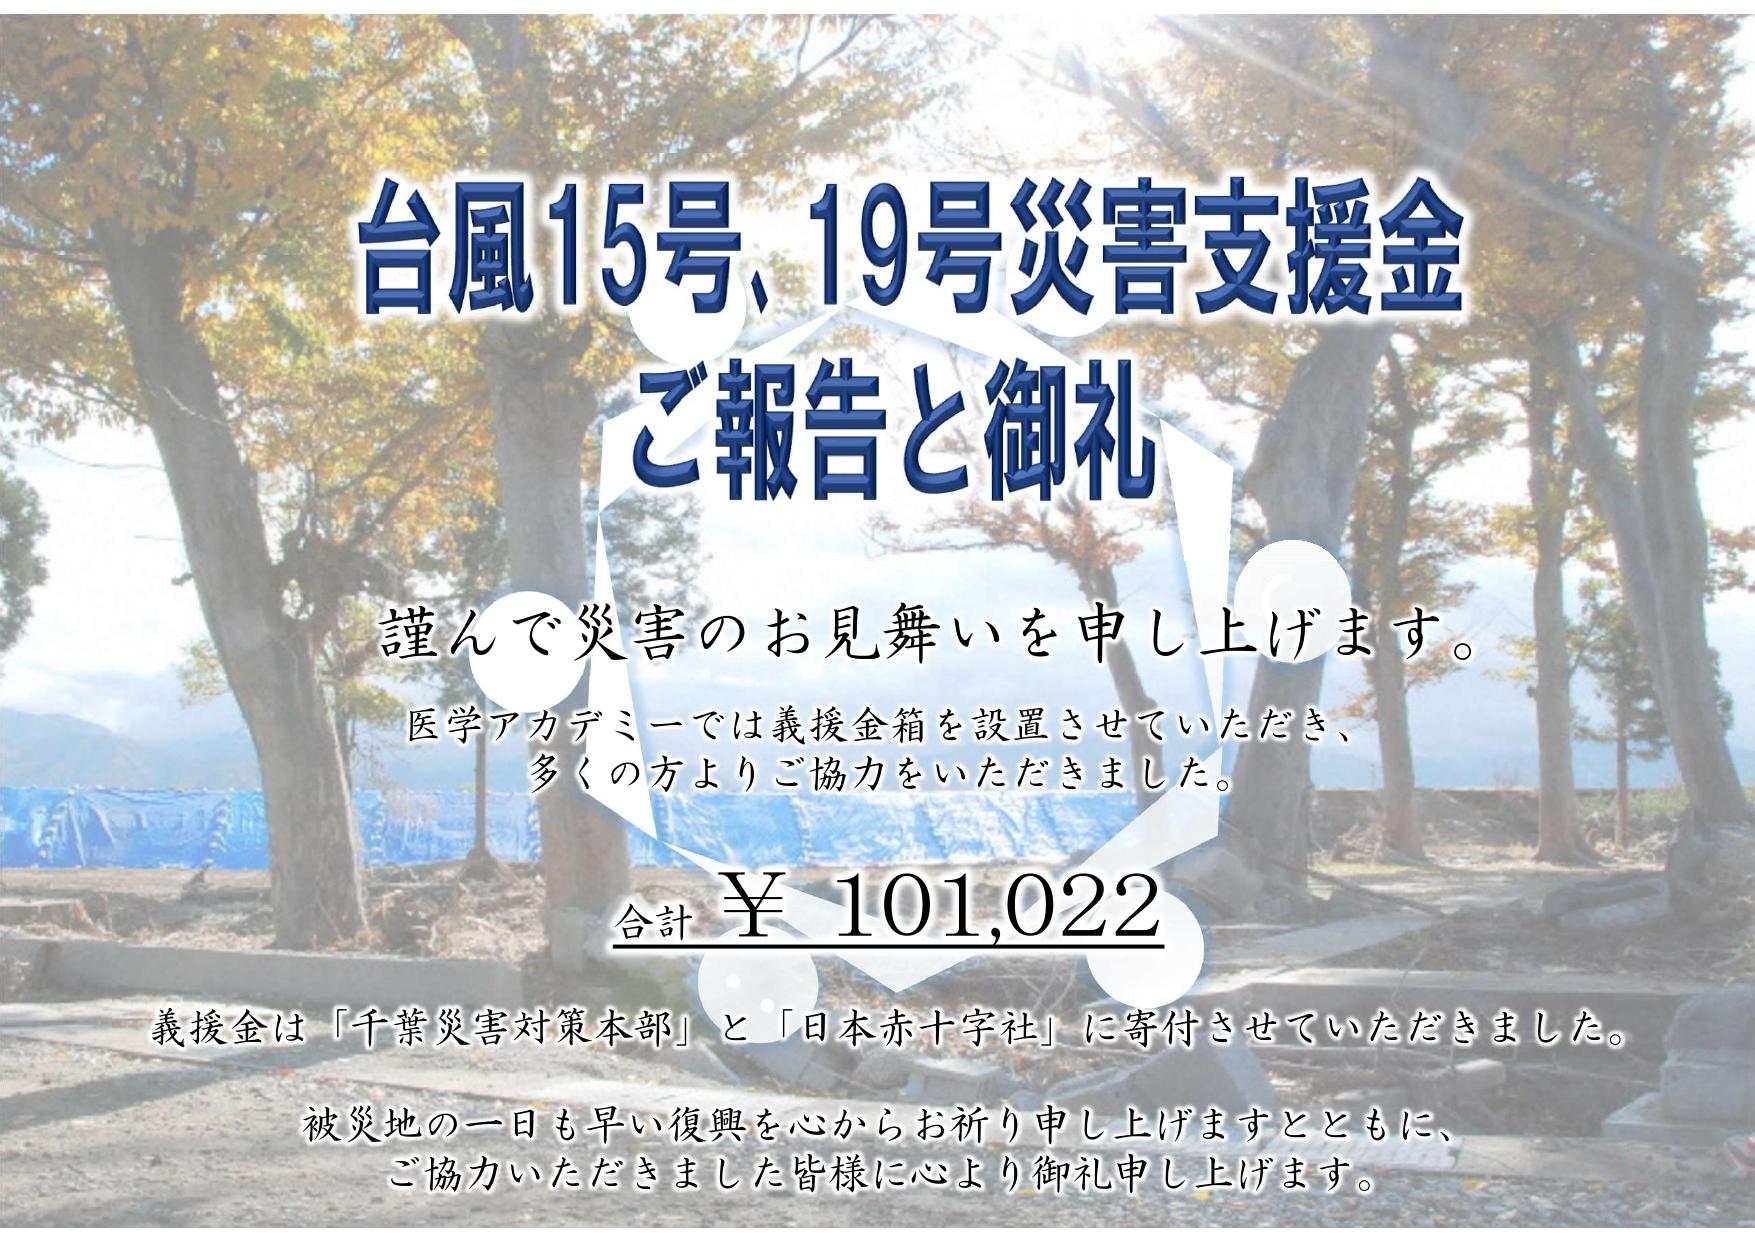 台風15号、19号 災害義援金お礼